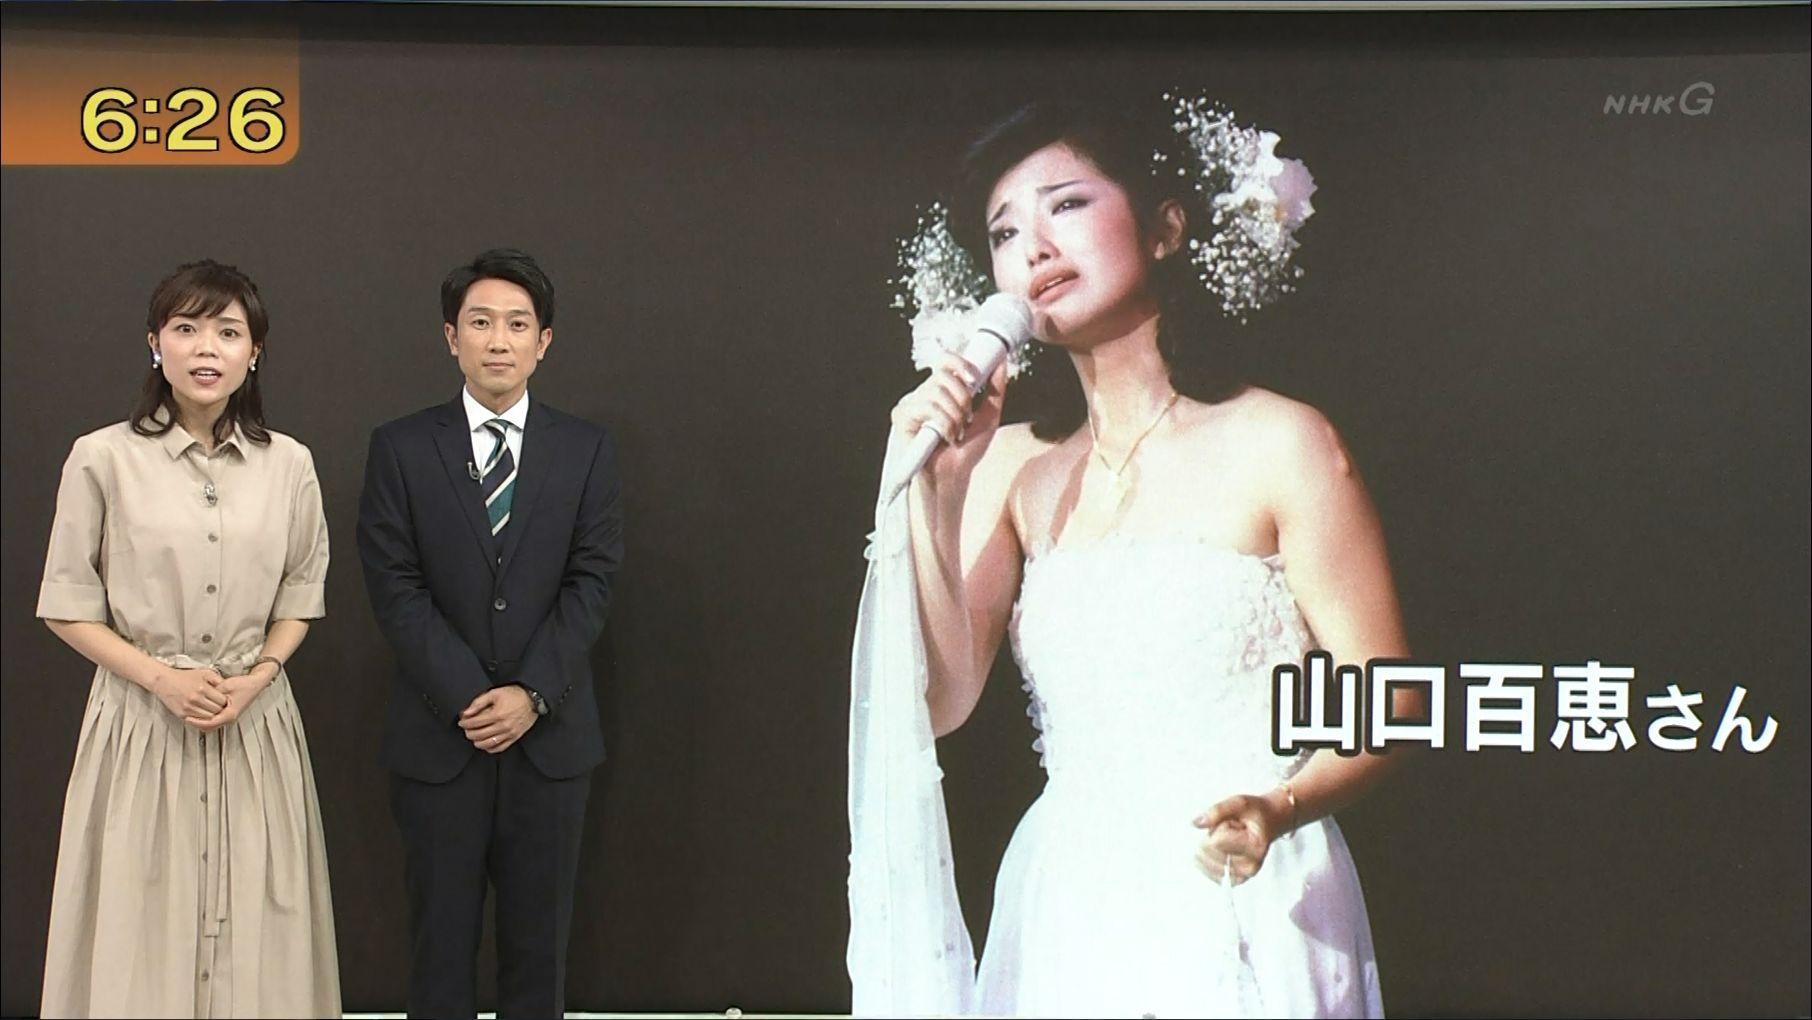 中山果奈 結婚